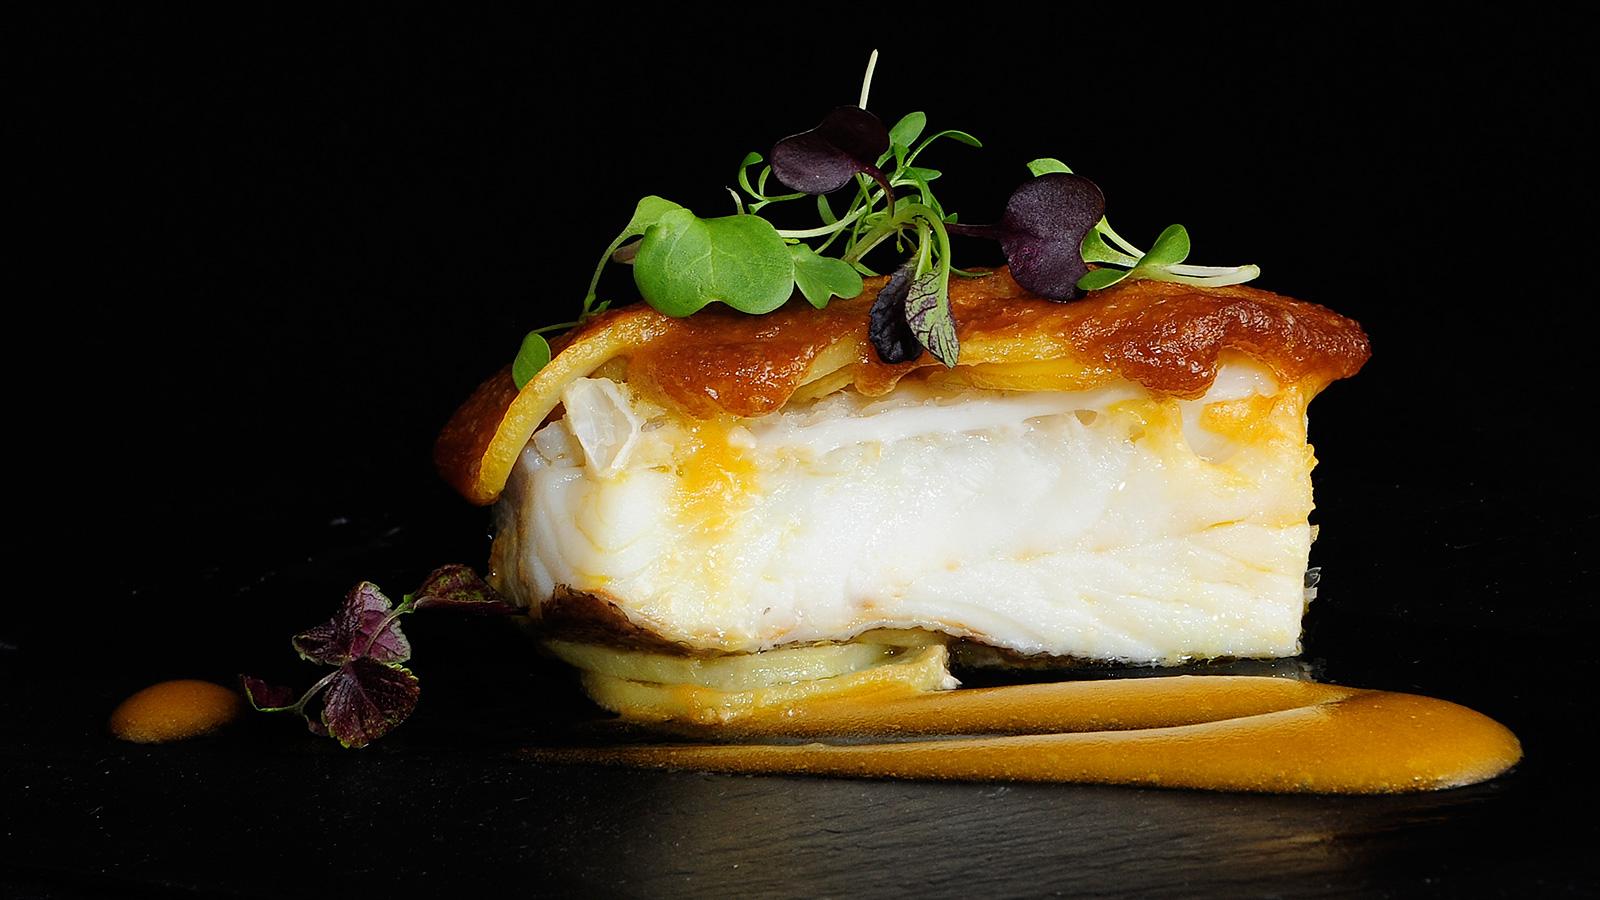 Bacalao con patata y mahonesa sergio fern ndez receta for Canal cocina sergio fernandez